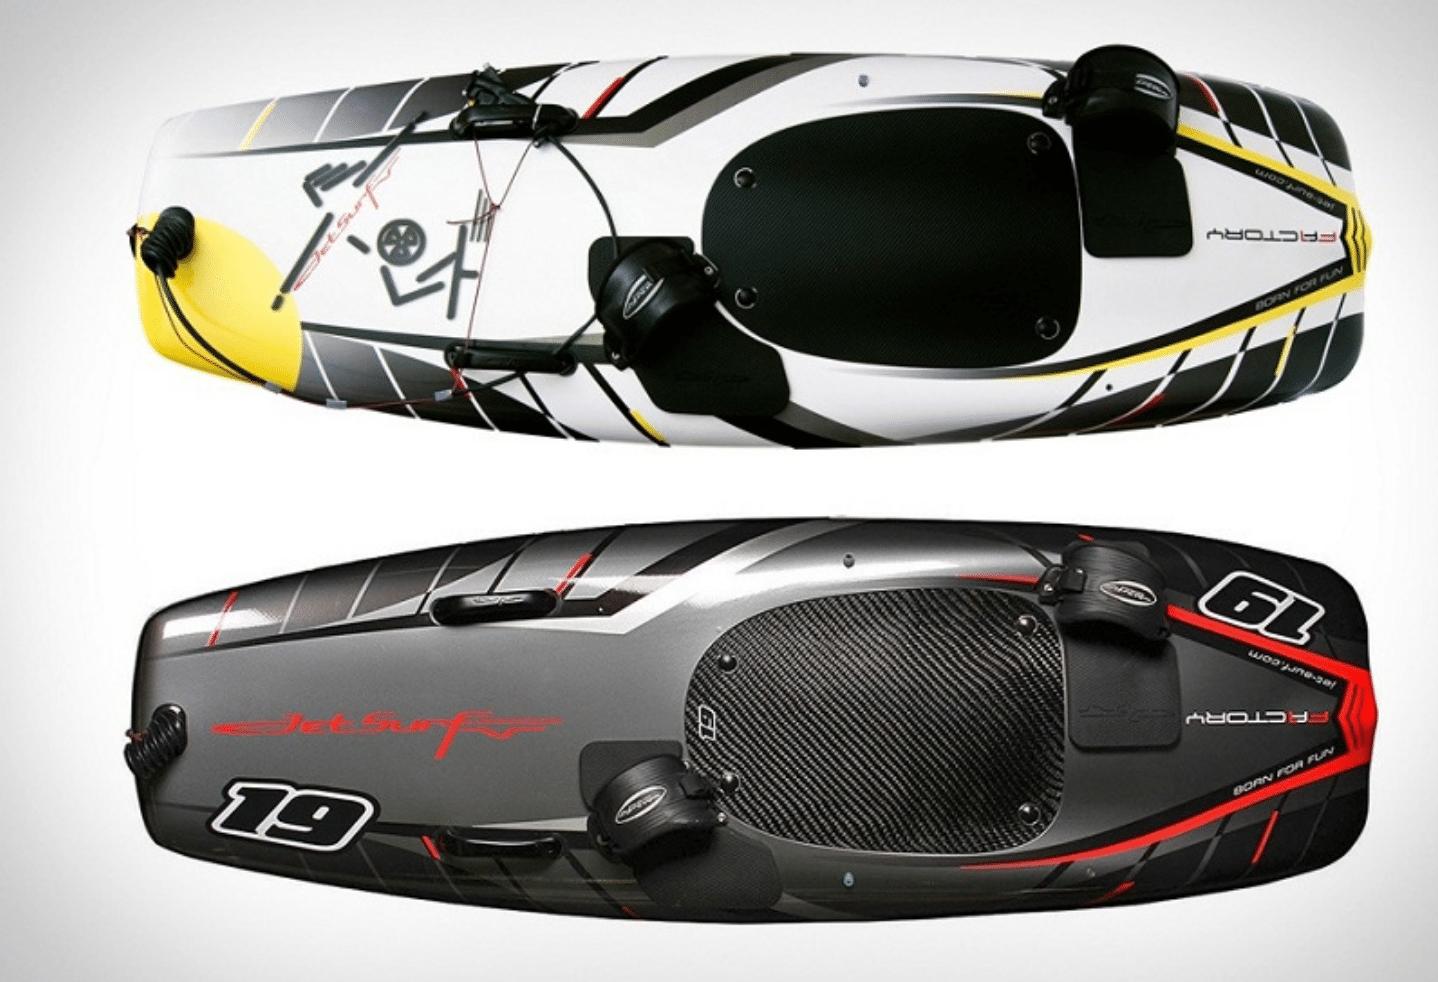 Best Electric Motorized Surfboards